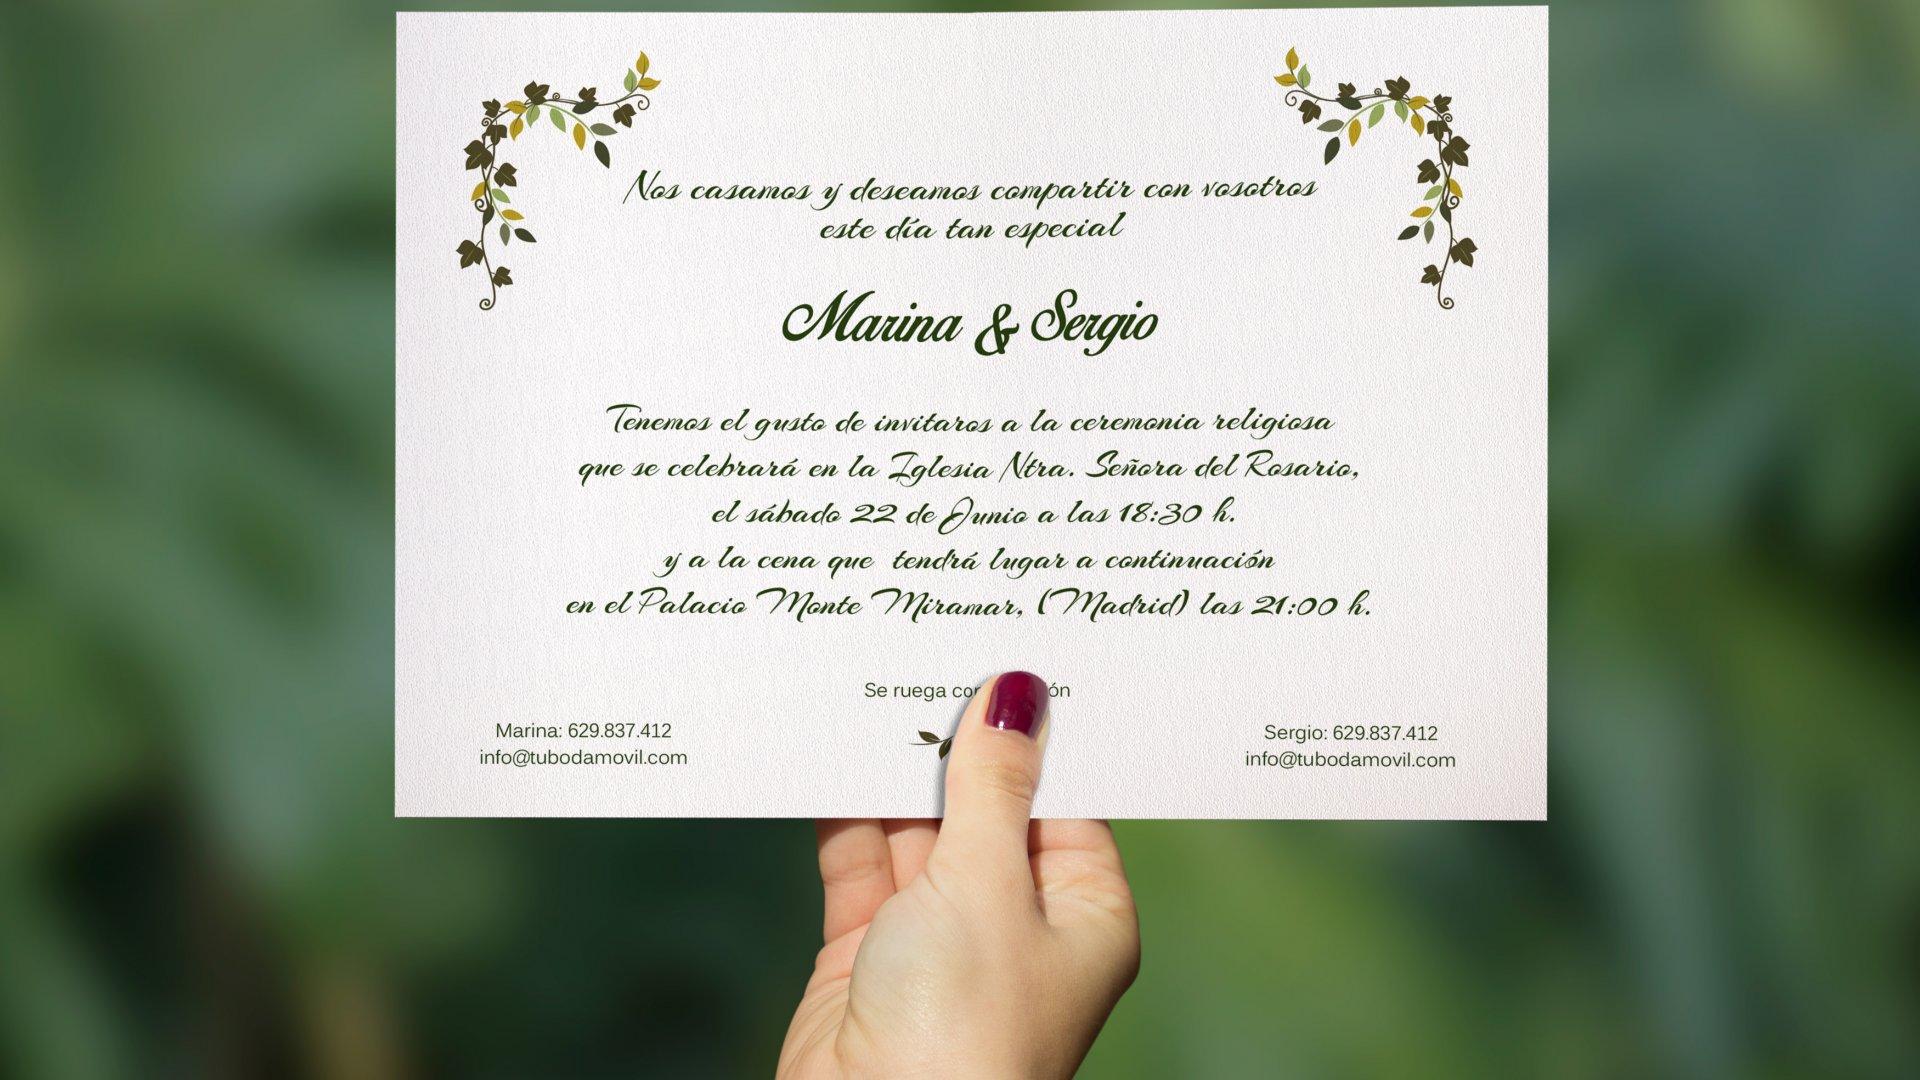 Frases Y Citas De Amor Que Puedes Usar En Tus Invitaciones